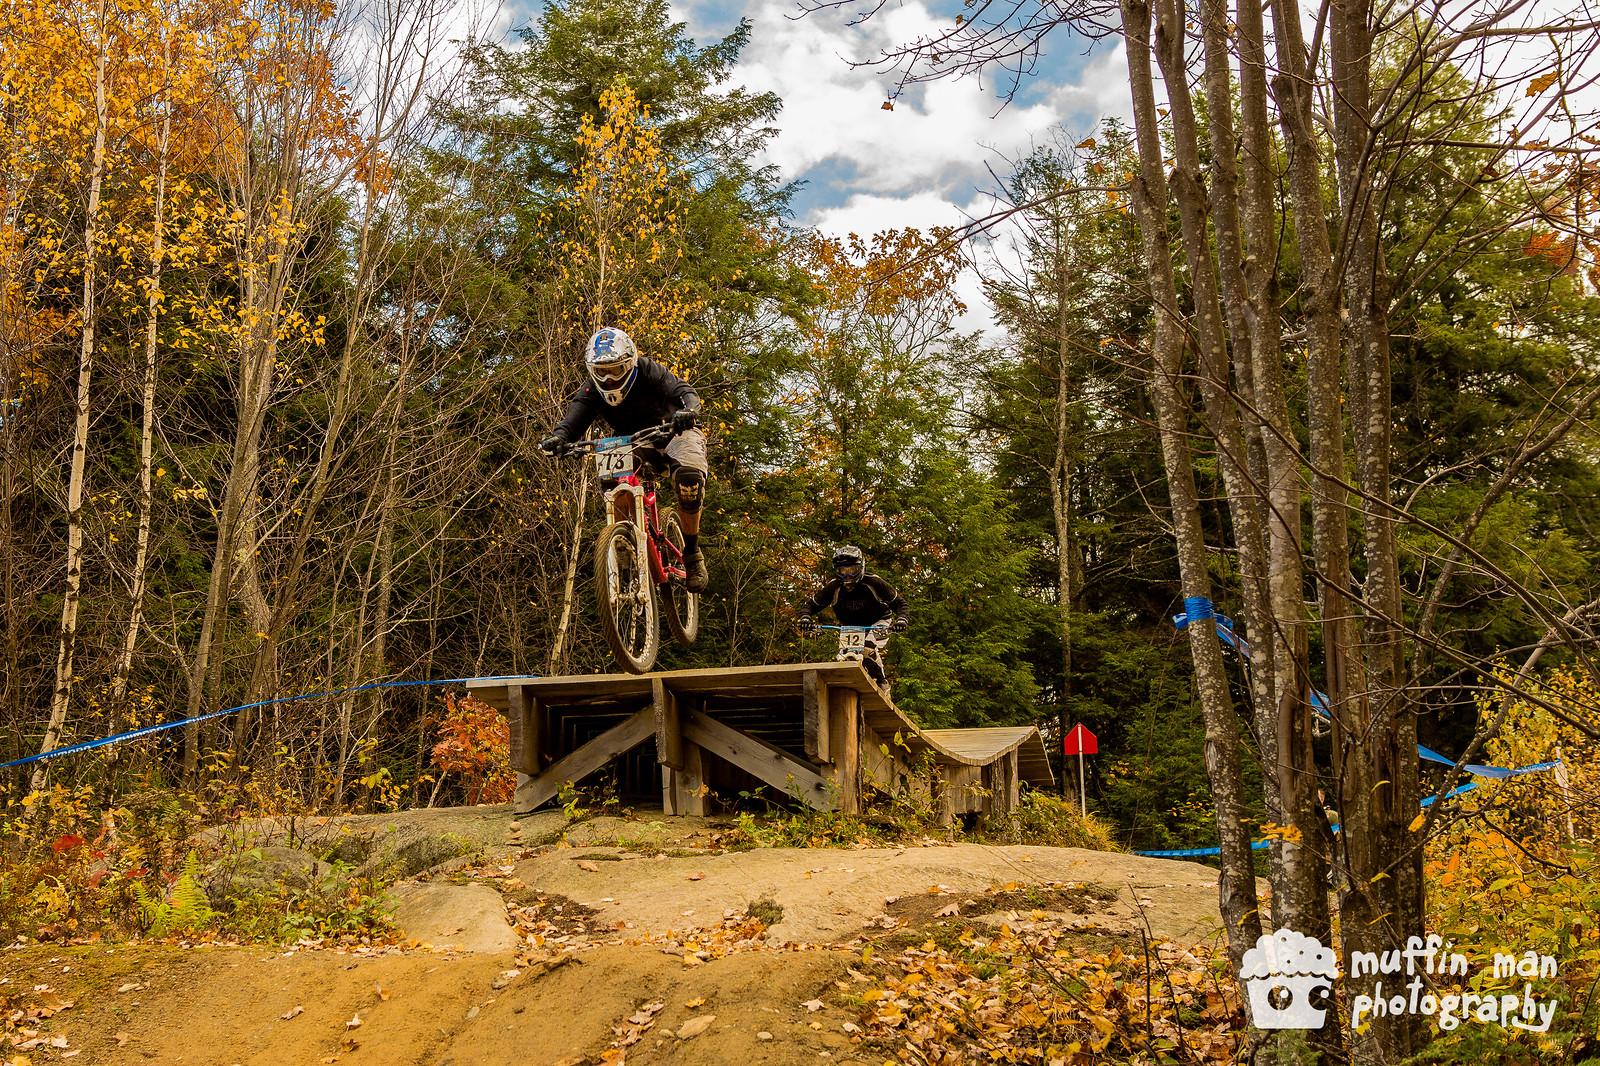 20121021-2I7C0260 - gleb.budilovsky - Mountain Biking Pictures - Vital MTB